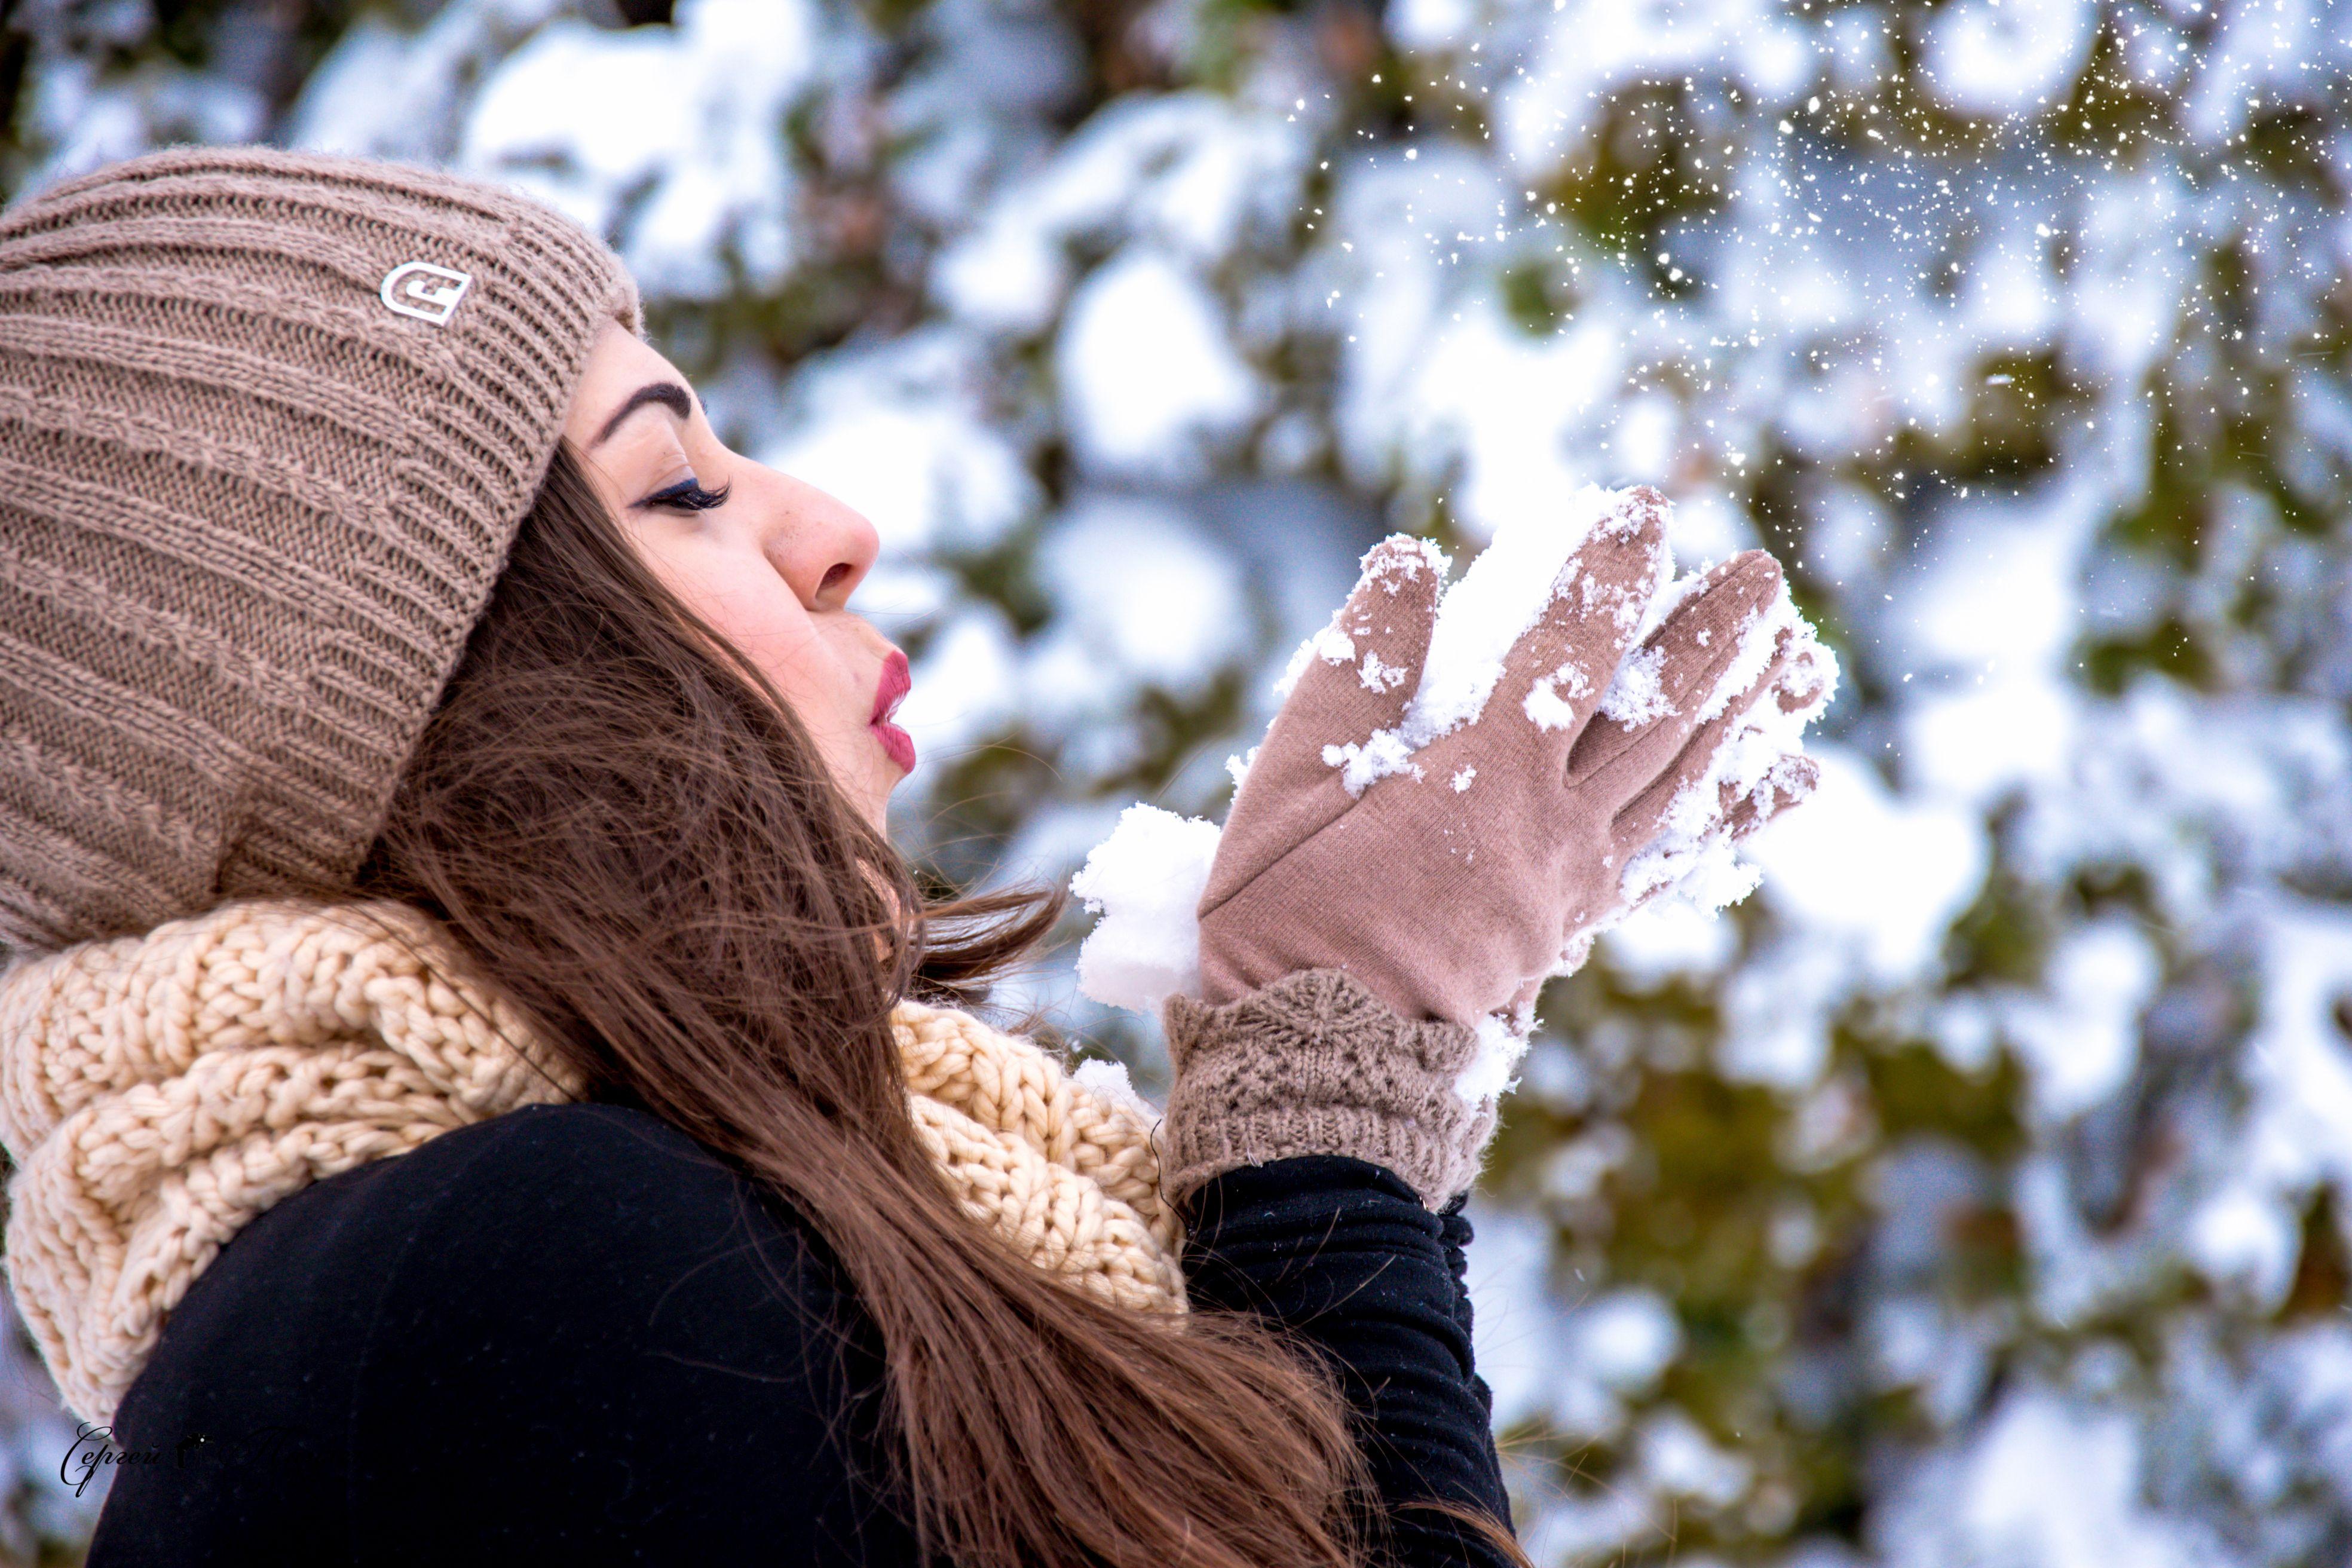 игла обыденные идеи для фото зимой стоит выйти улицу